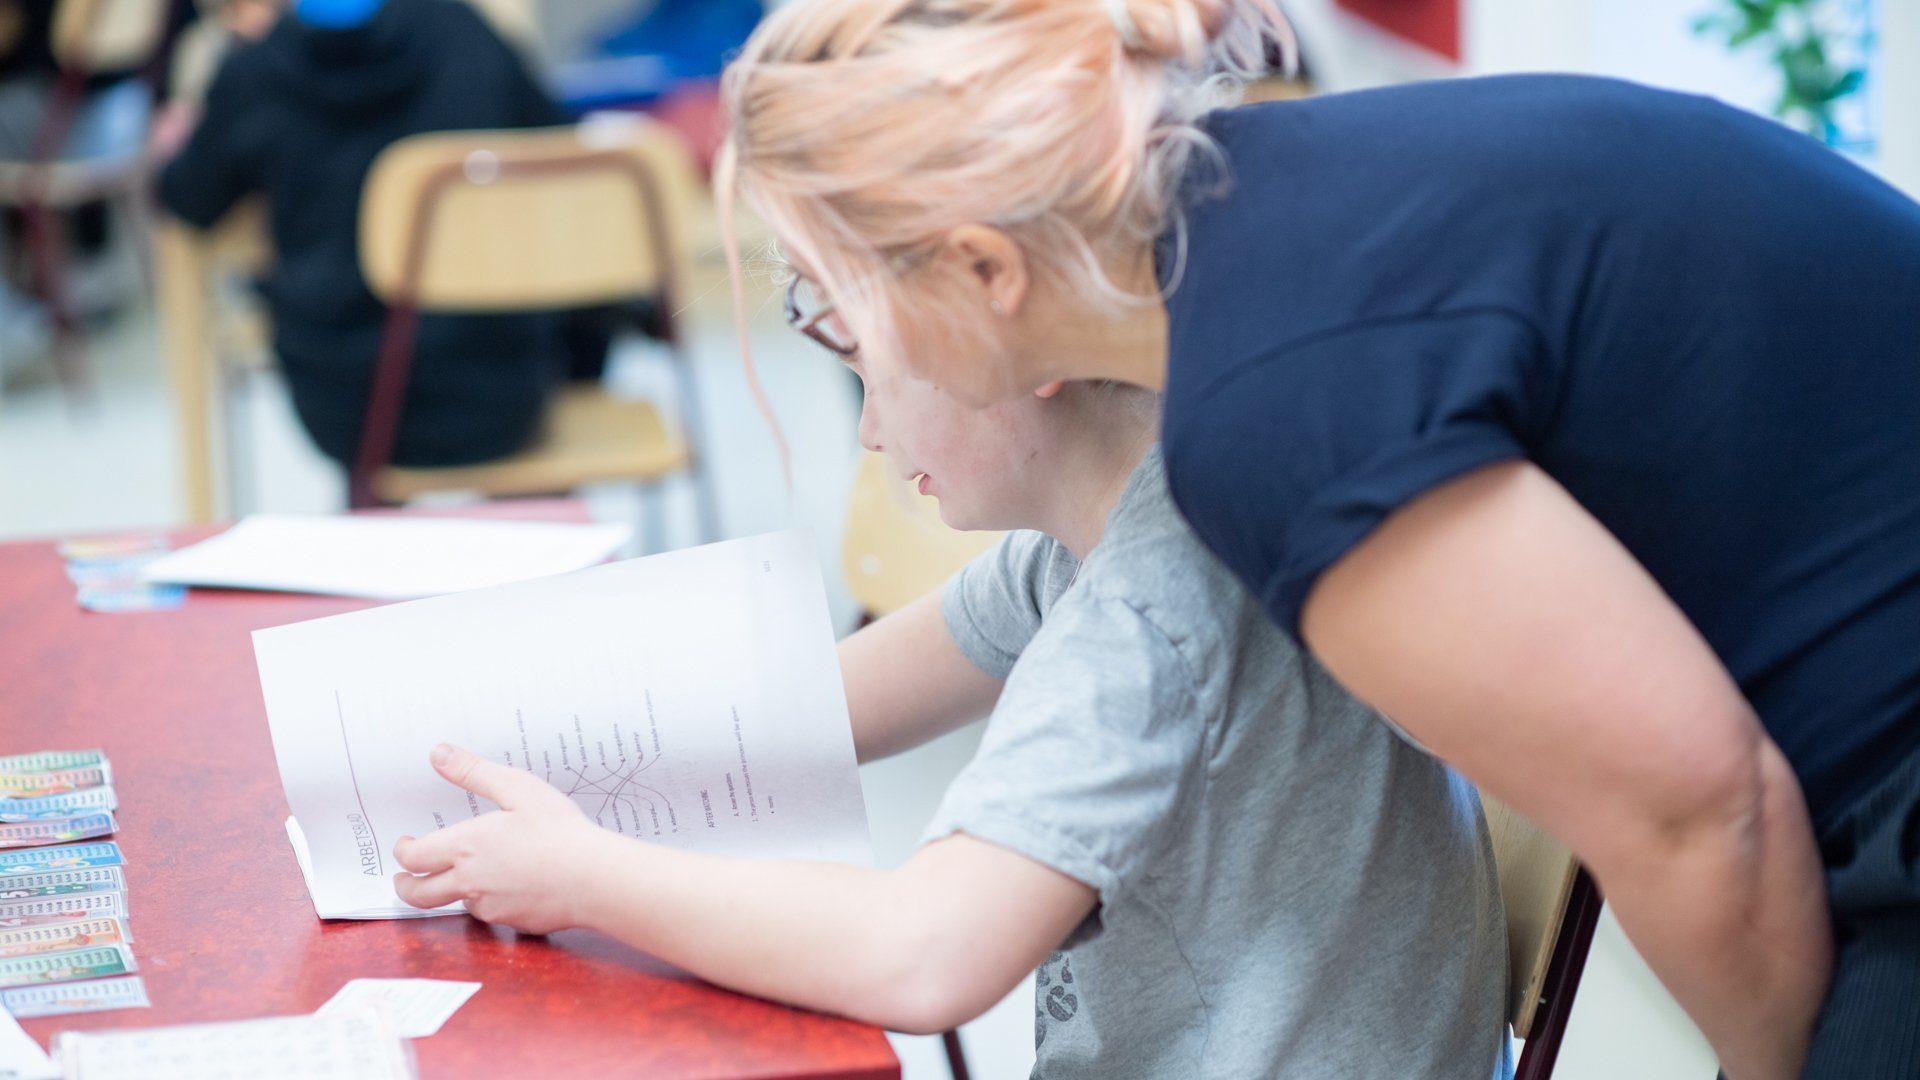 En lärare hjälper en elev med skolarbete